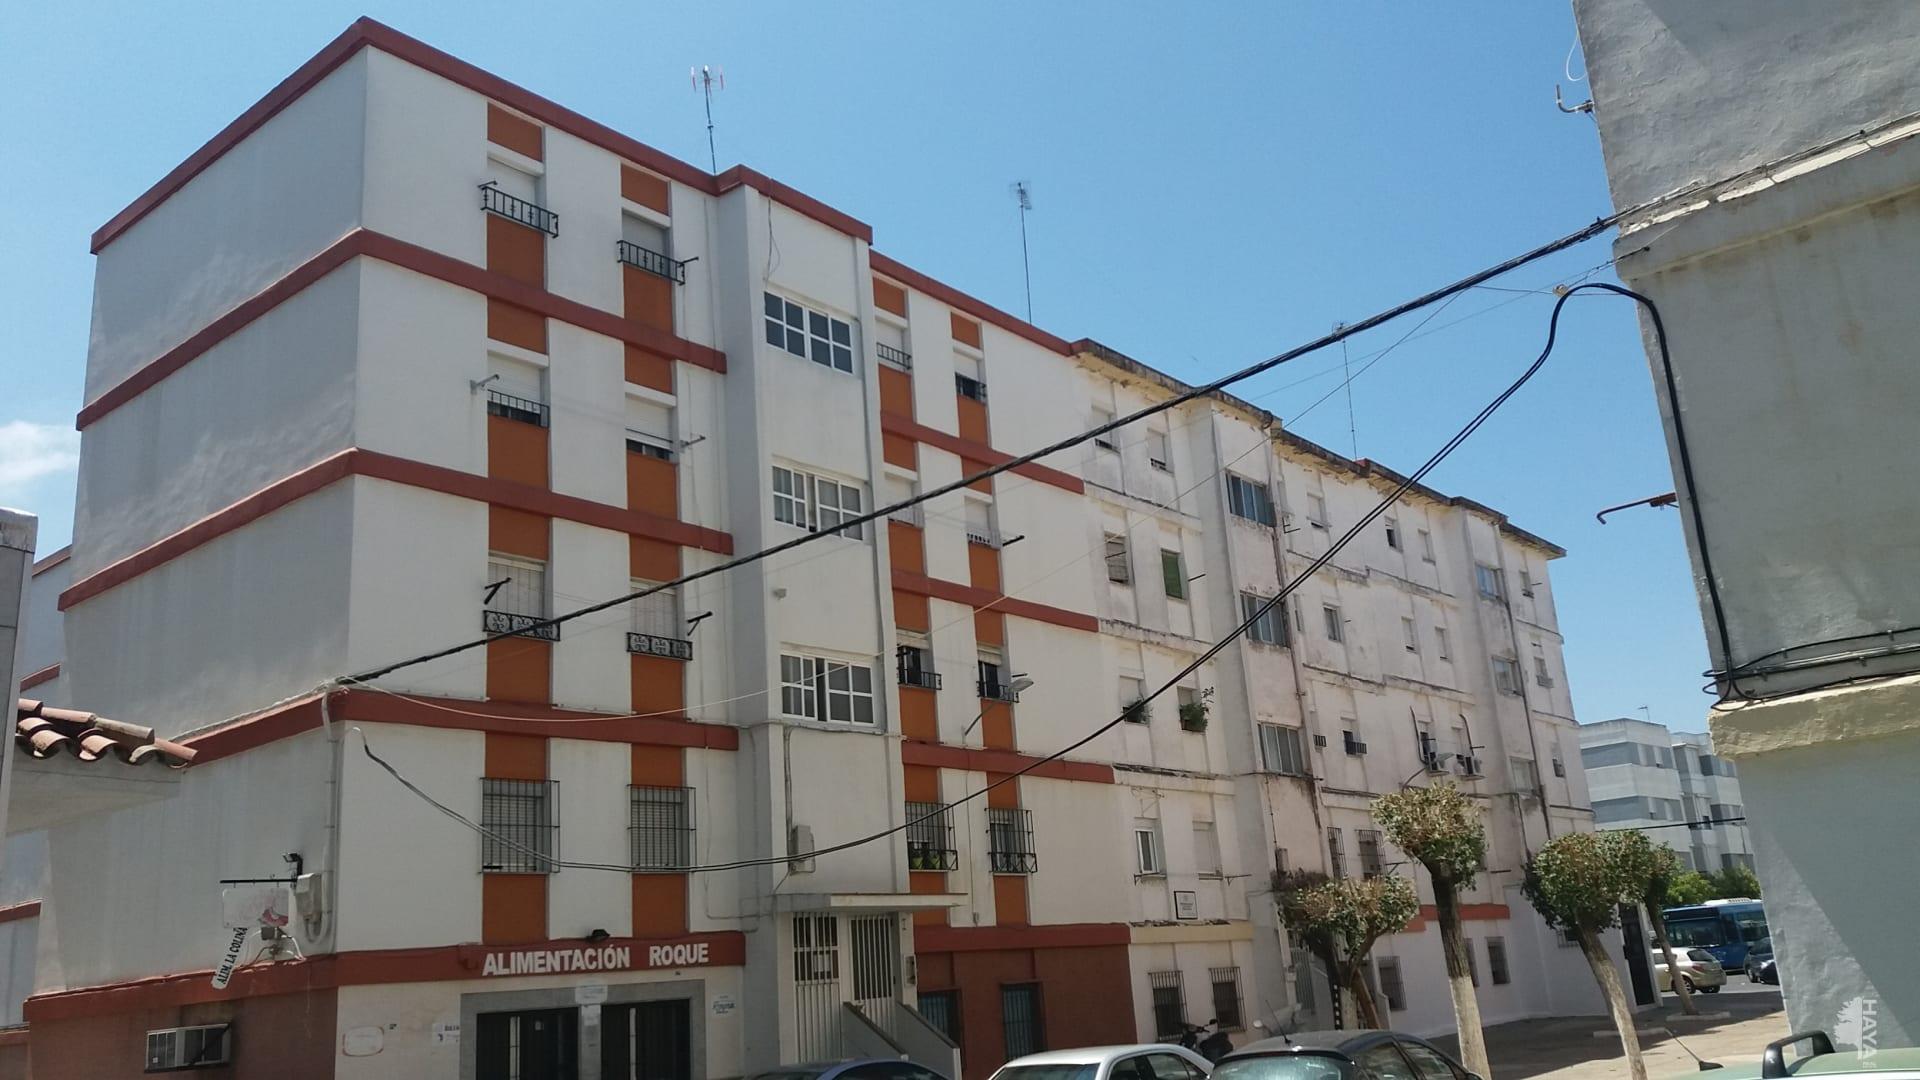 Piso en venta en Las Torres, Jerez de la Frontera, Cádiz, Calle Albillo, 27.600 €, 3 habitaciones, 1 baño, 51 m2